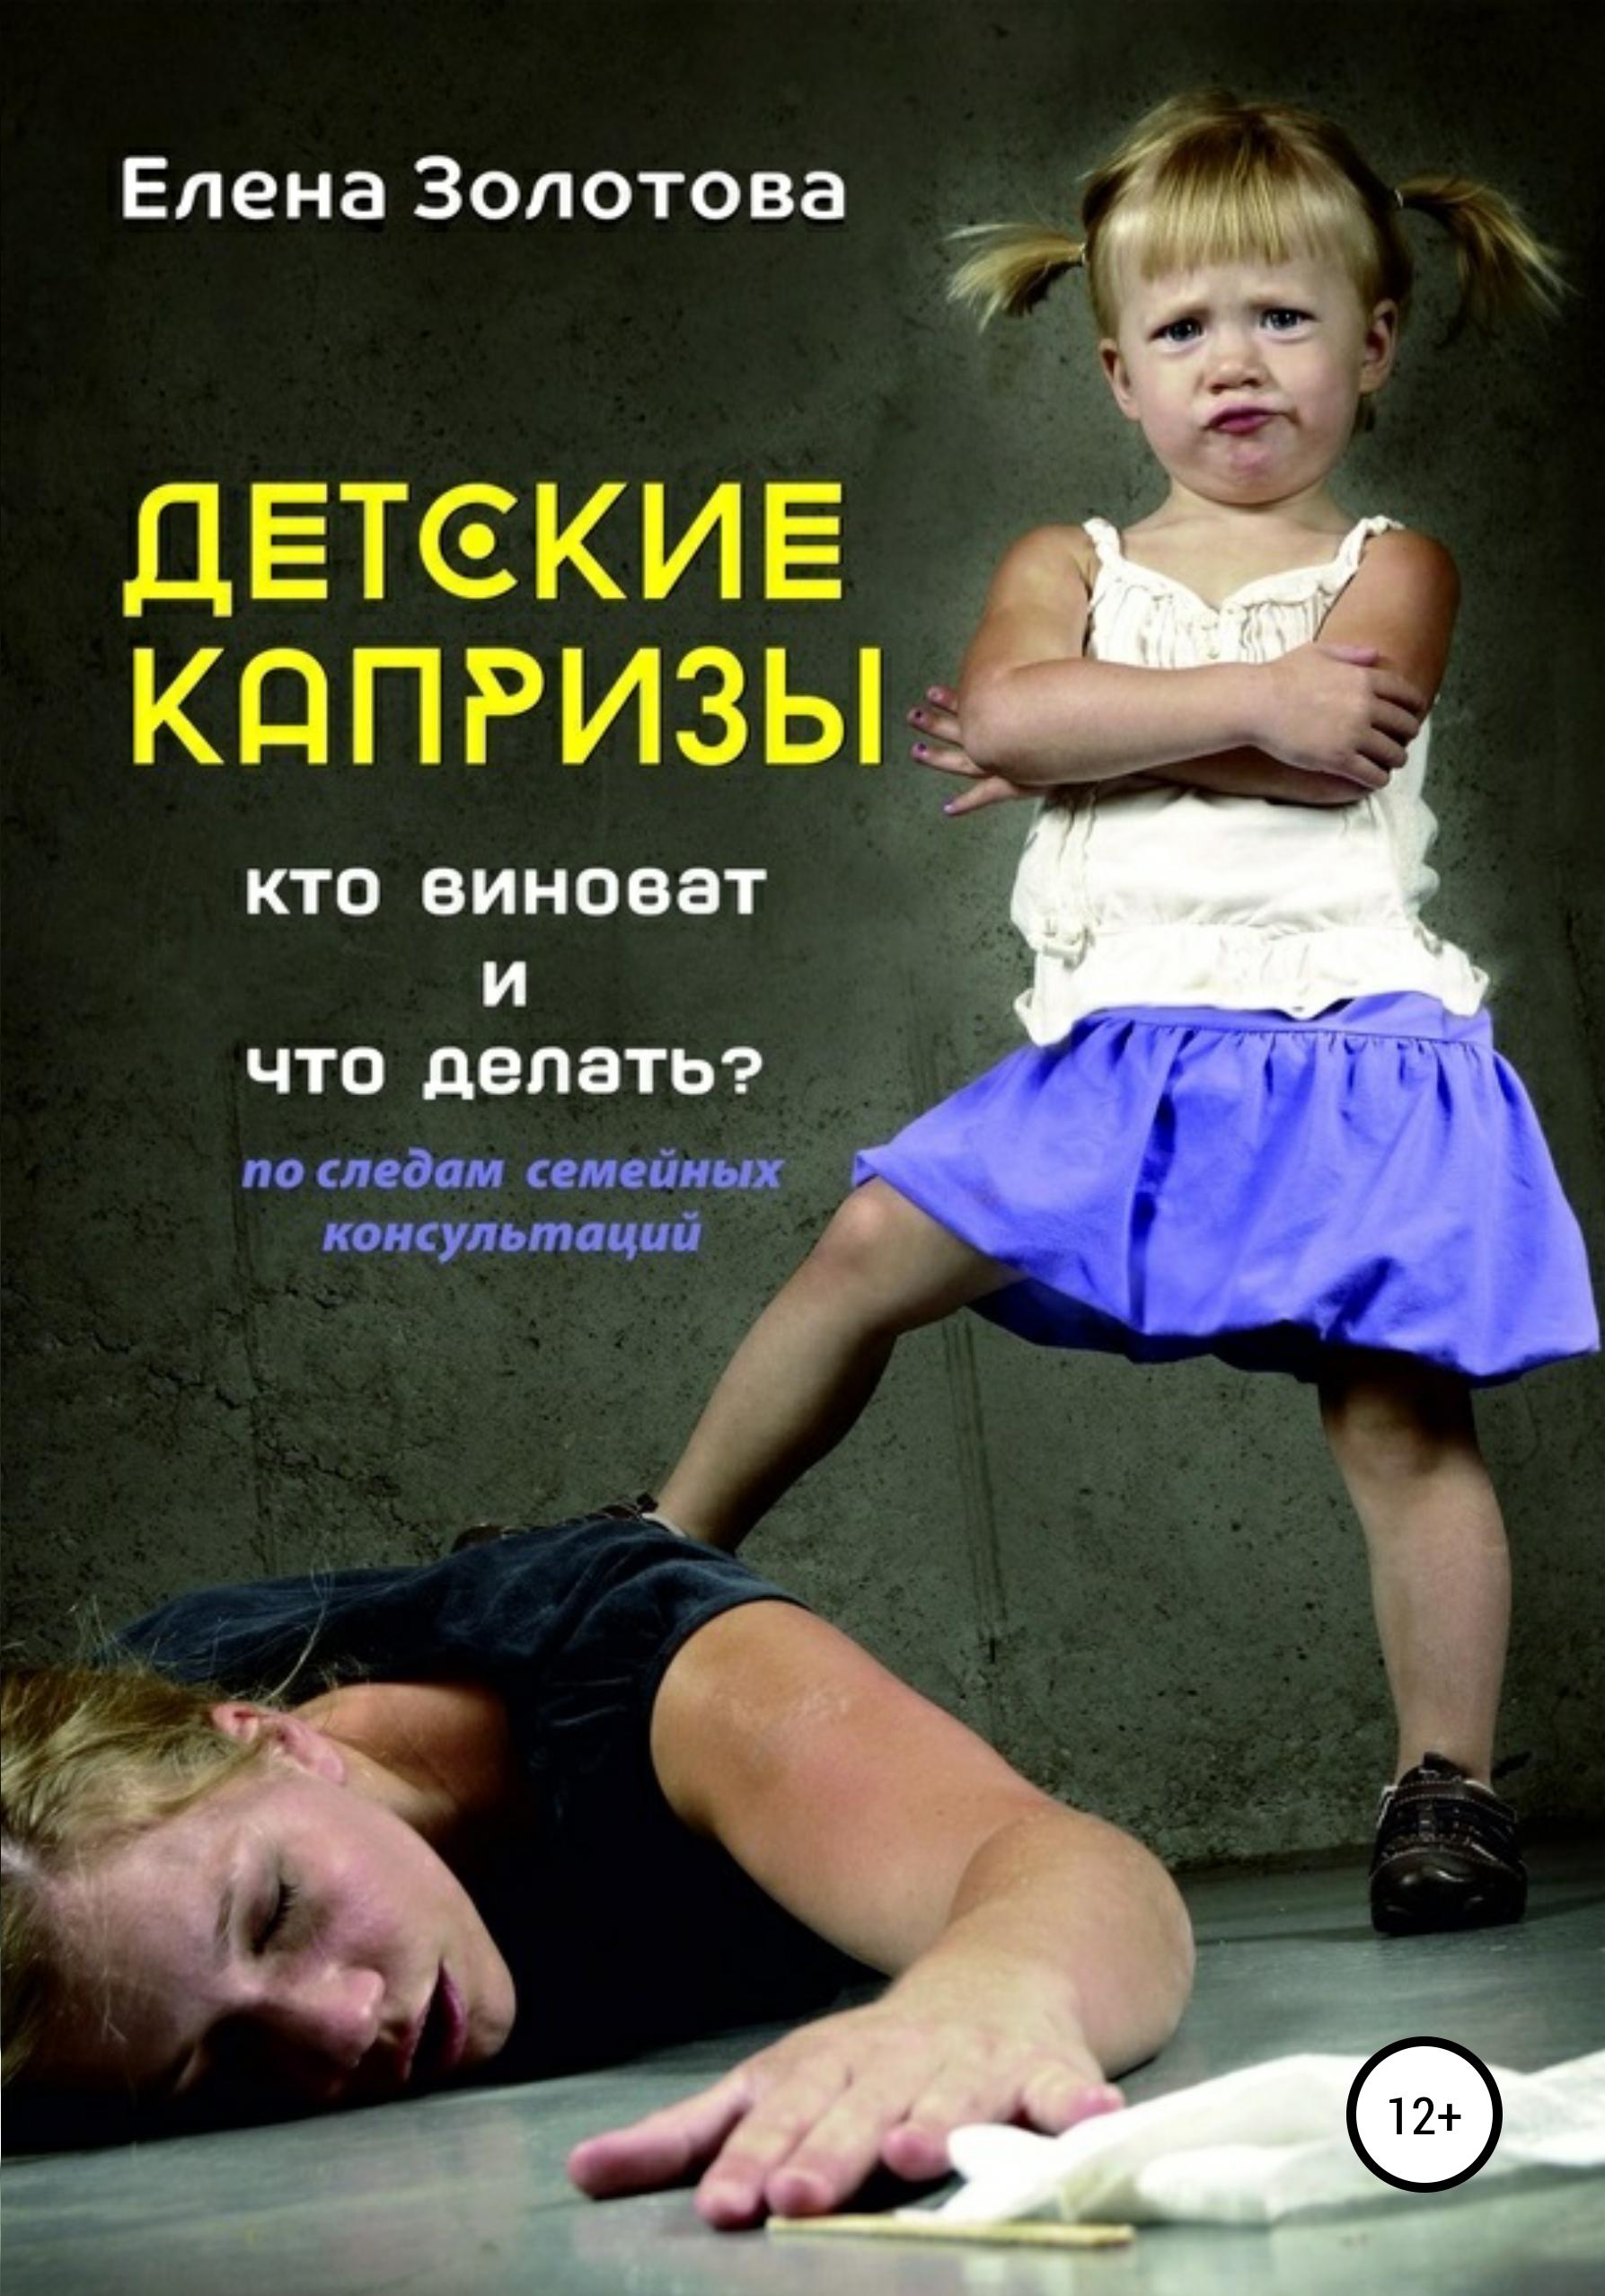 Елена Золотова - Детские капризы: кто виноват и что делать? По следам семейных консультаций